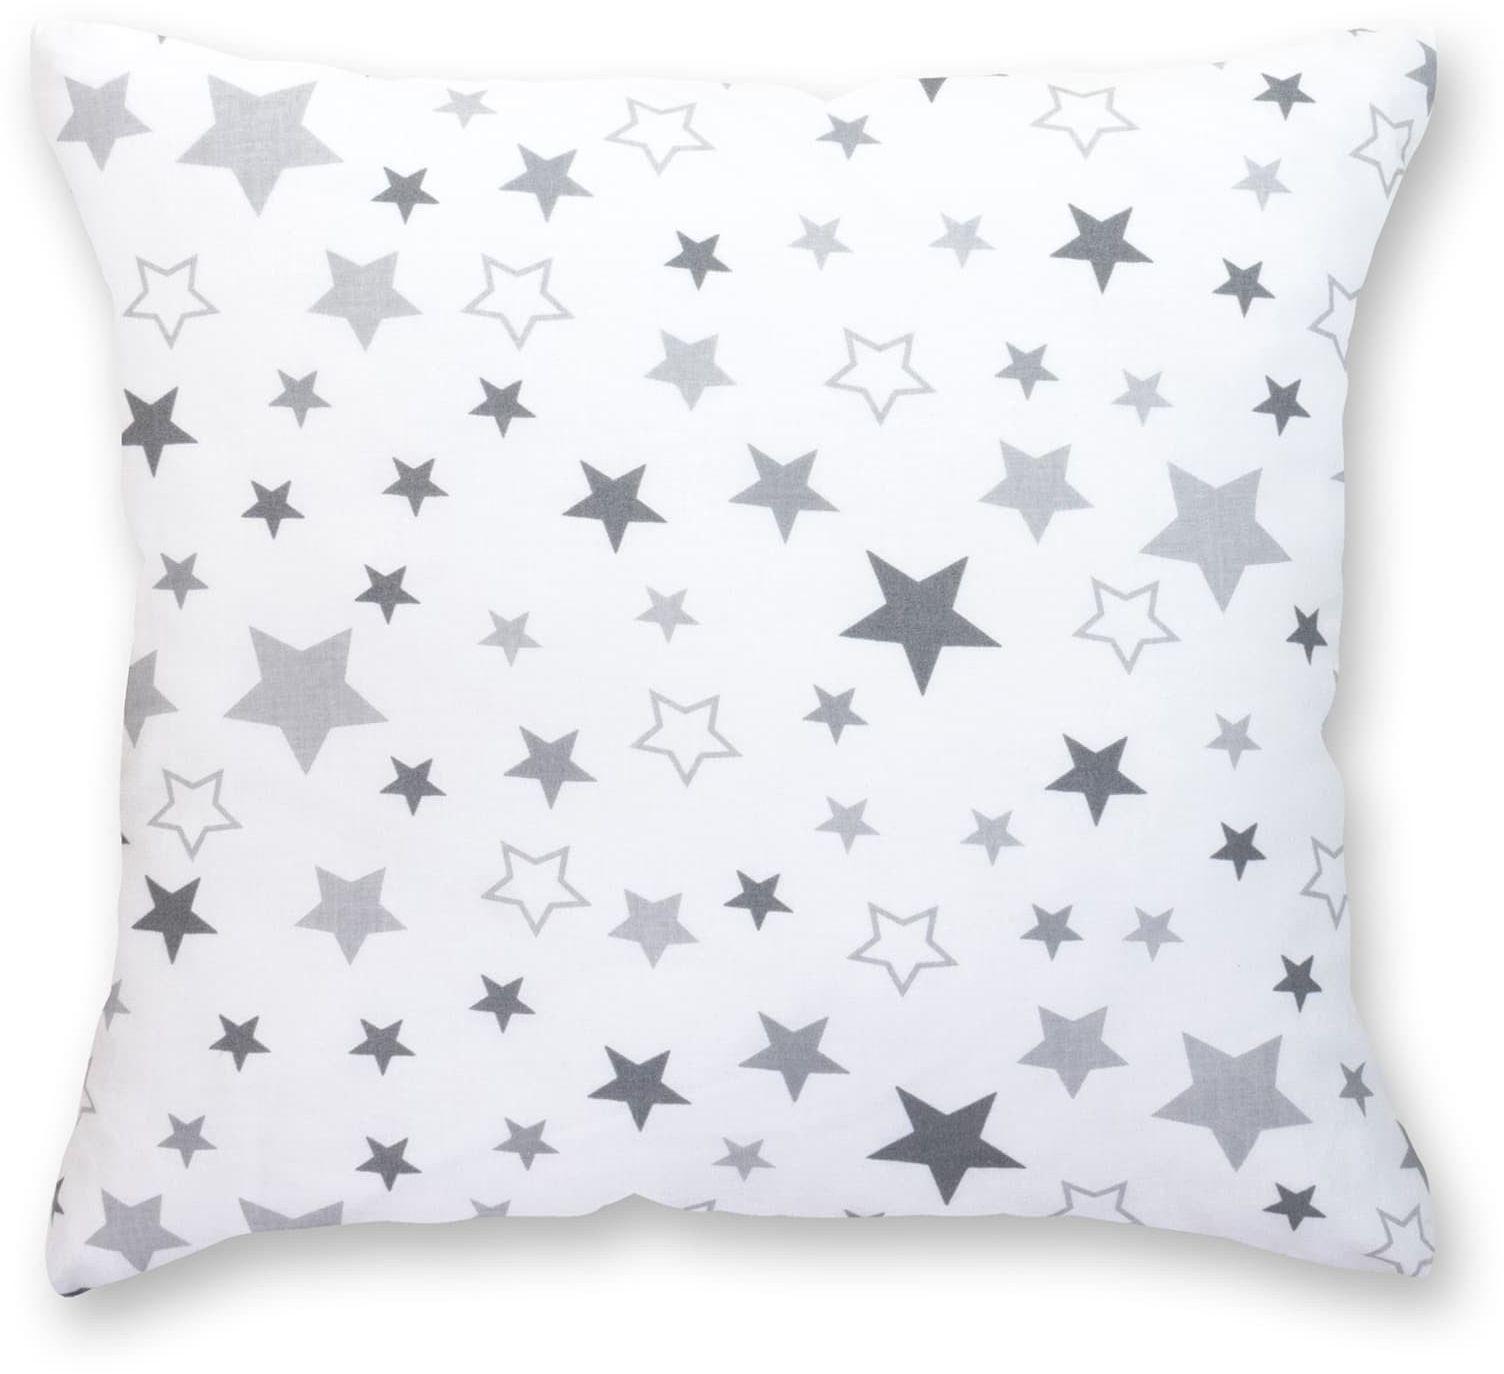 Poszewka Bawełnian Jasiek Belluno 21 Star 40x40